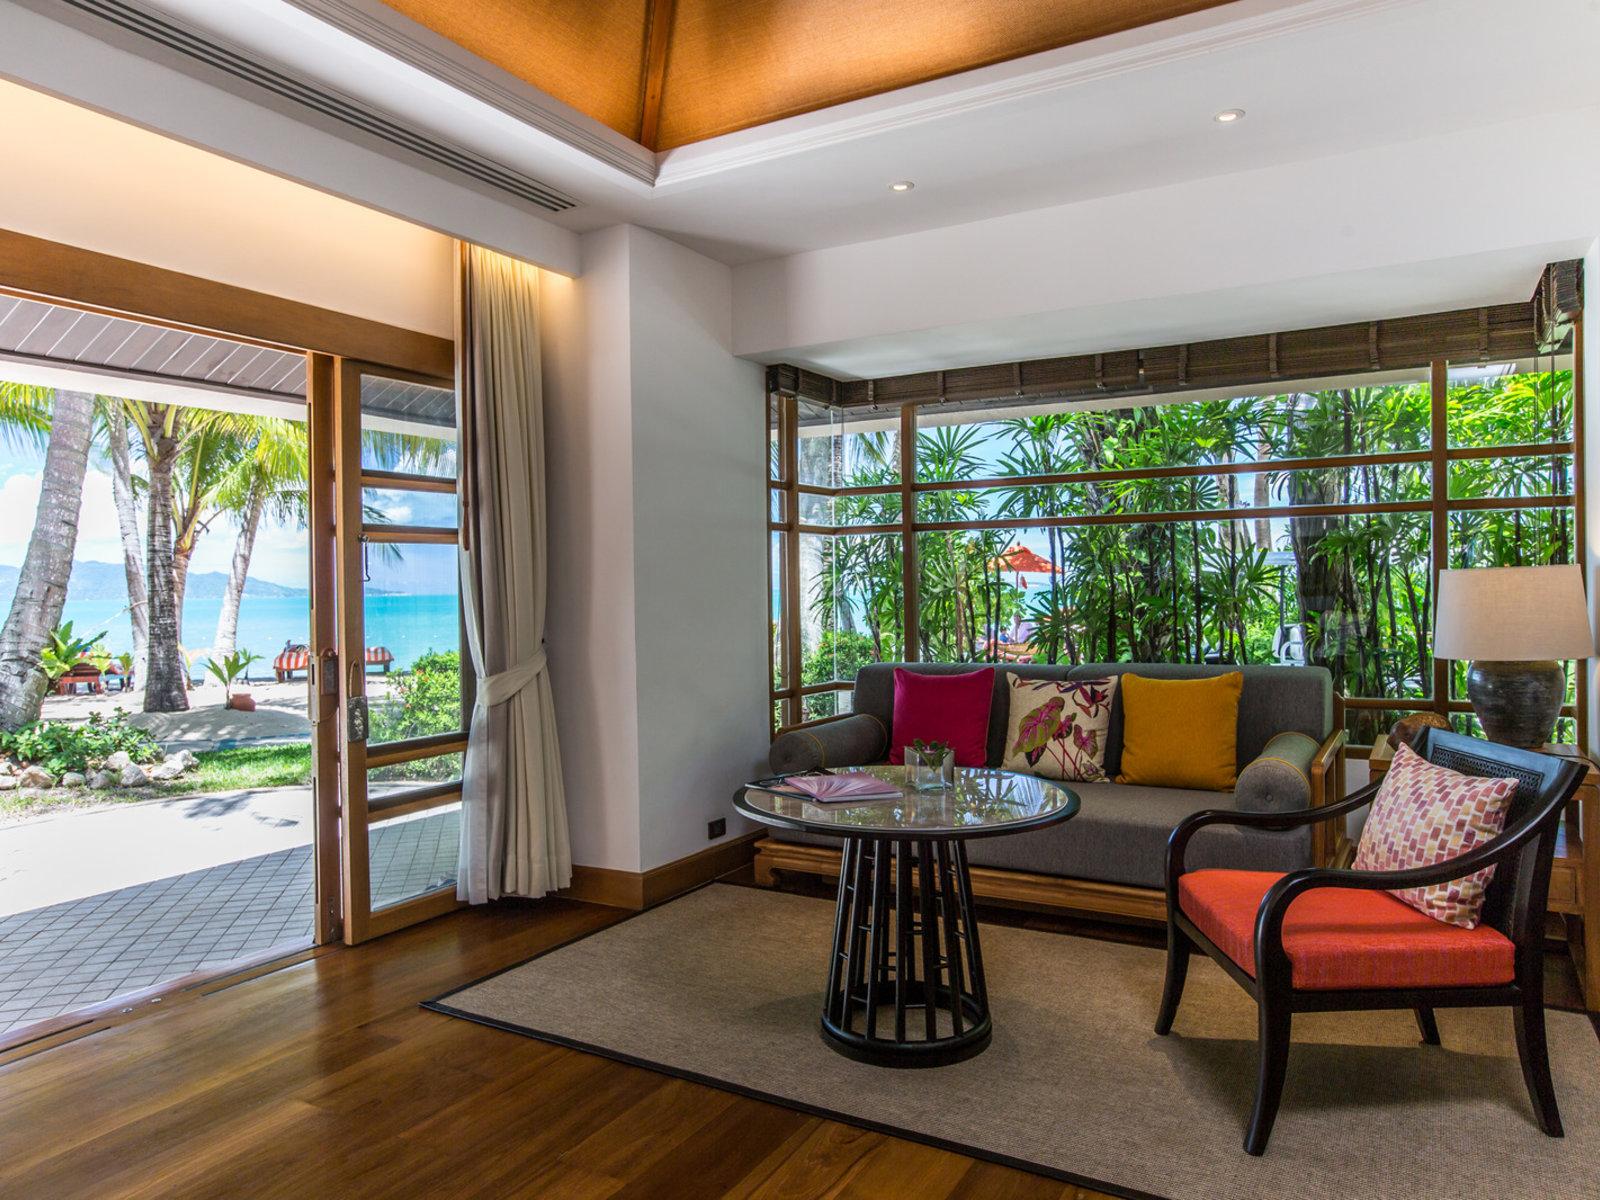 Wohnbeispiel Deluxe Beachfront Villa Plunge Pool